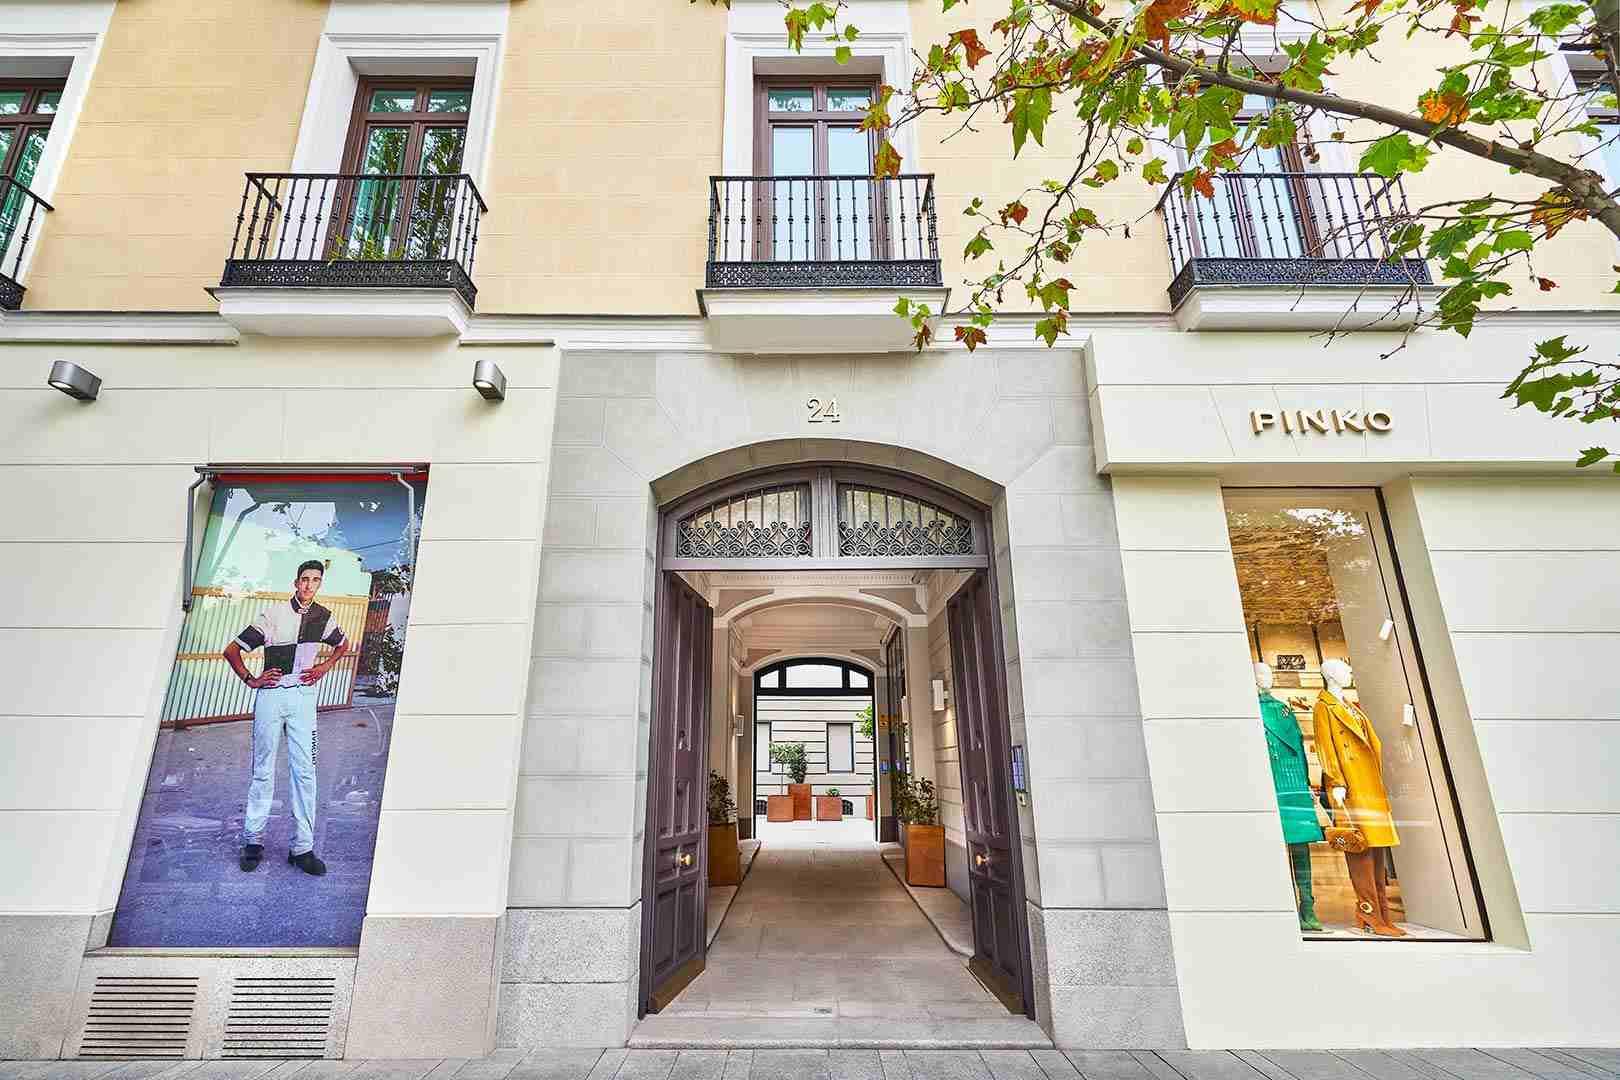 Imagen fachada Serrano 24 Madrid